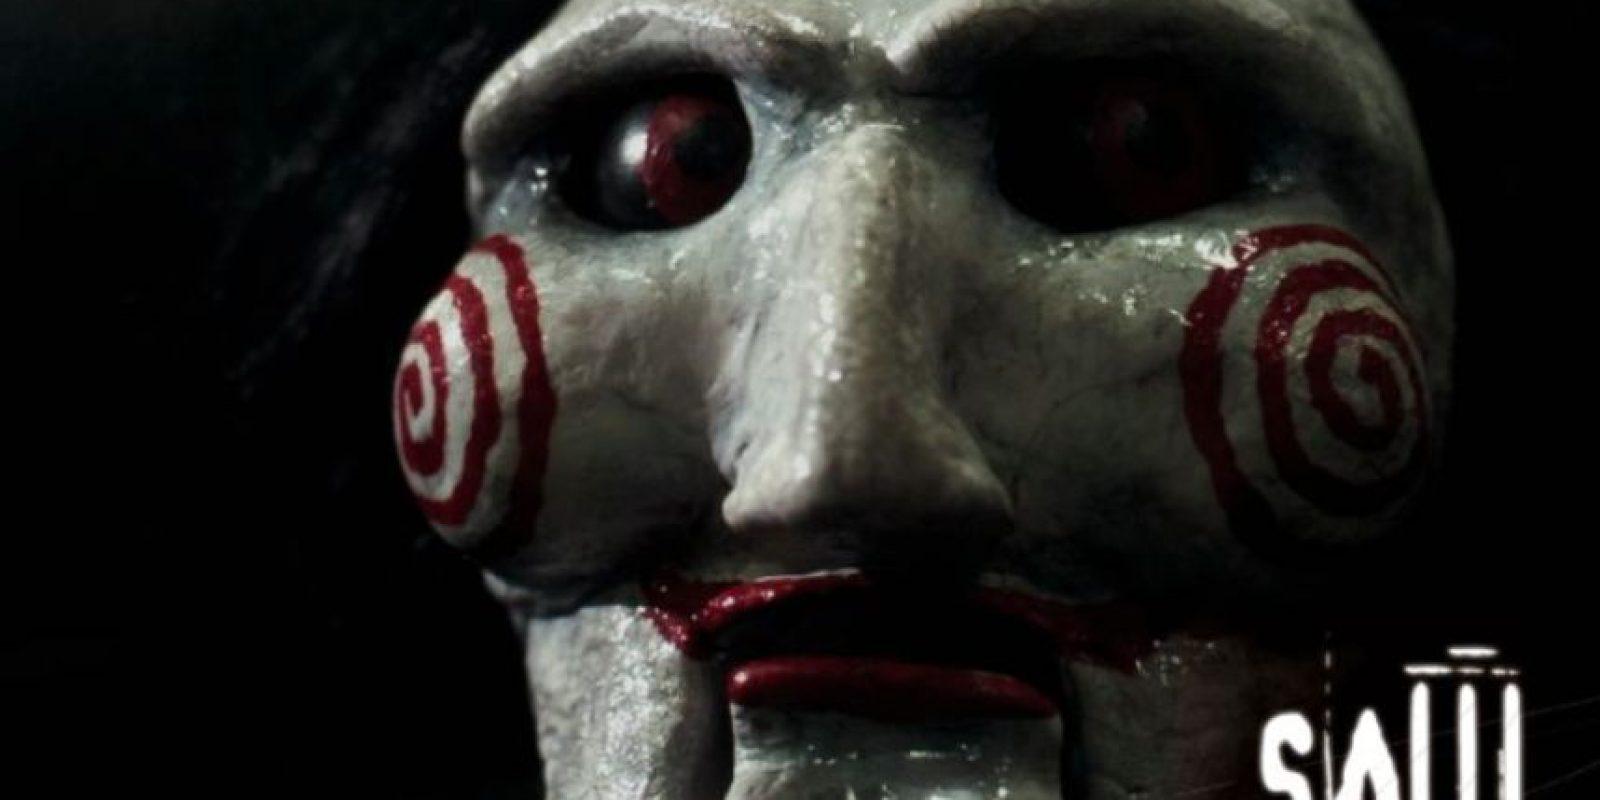 Juegos Macabros: La venta de tickets de esta película sobrepasó el billón de dólares, convirtiéndose en uno de los films más taquilleros de terror a nivel mundial. Foto:Especial